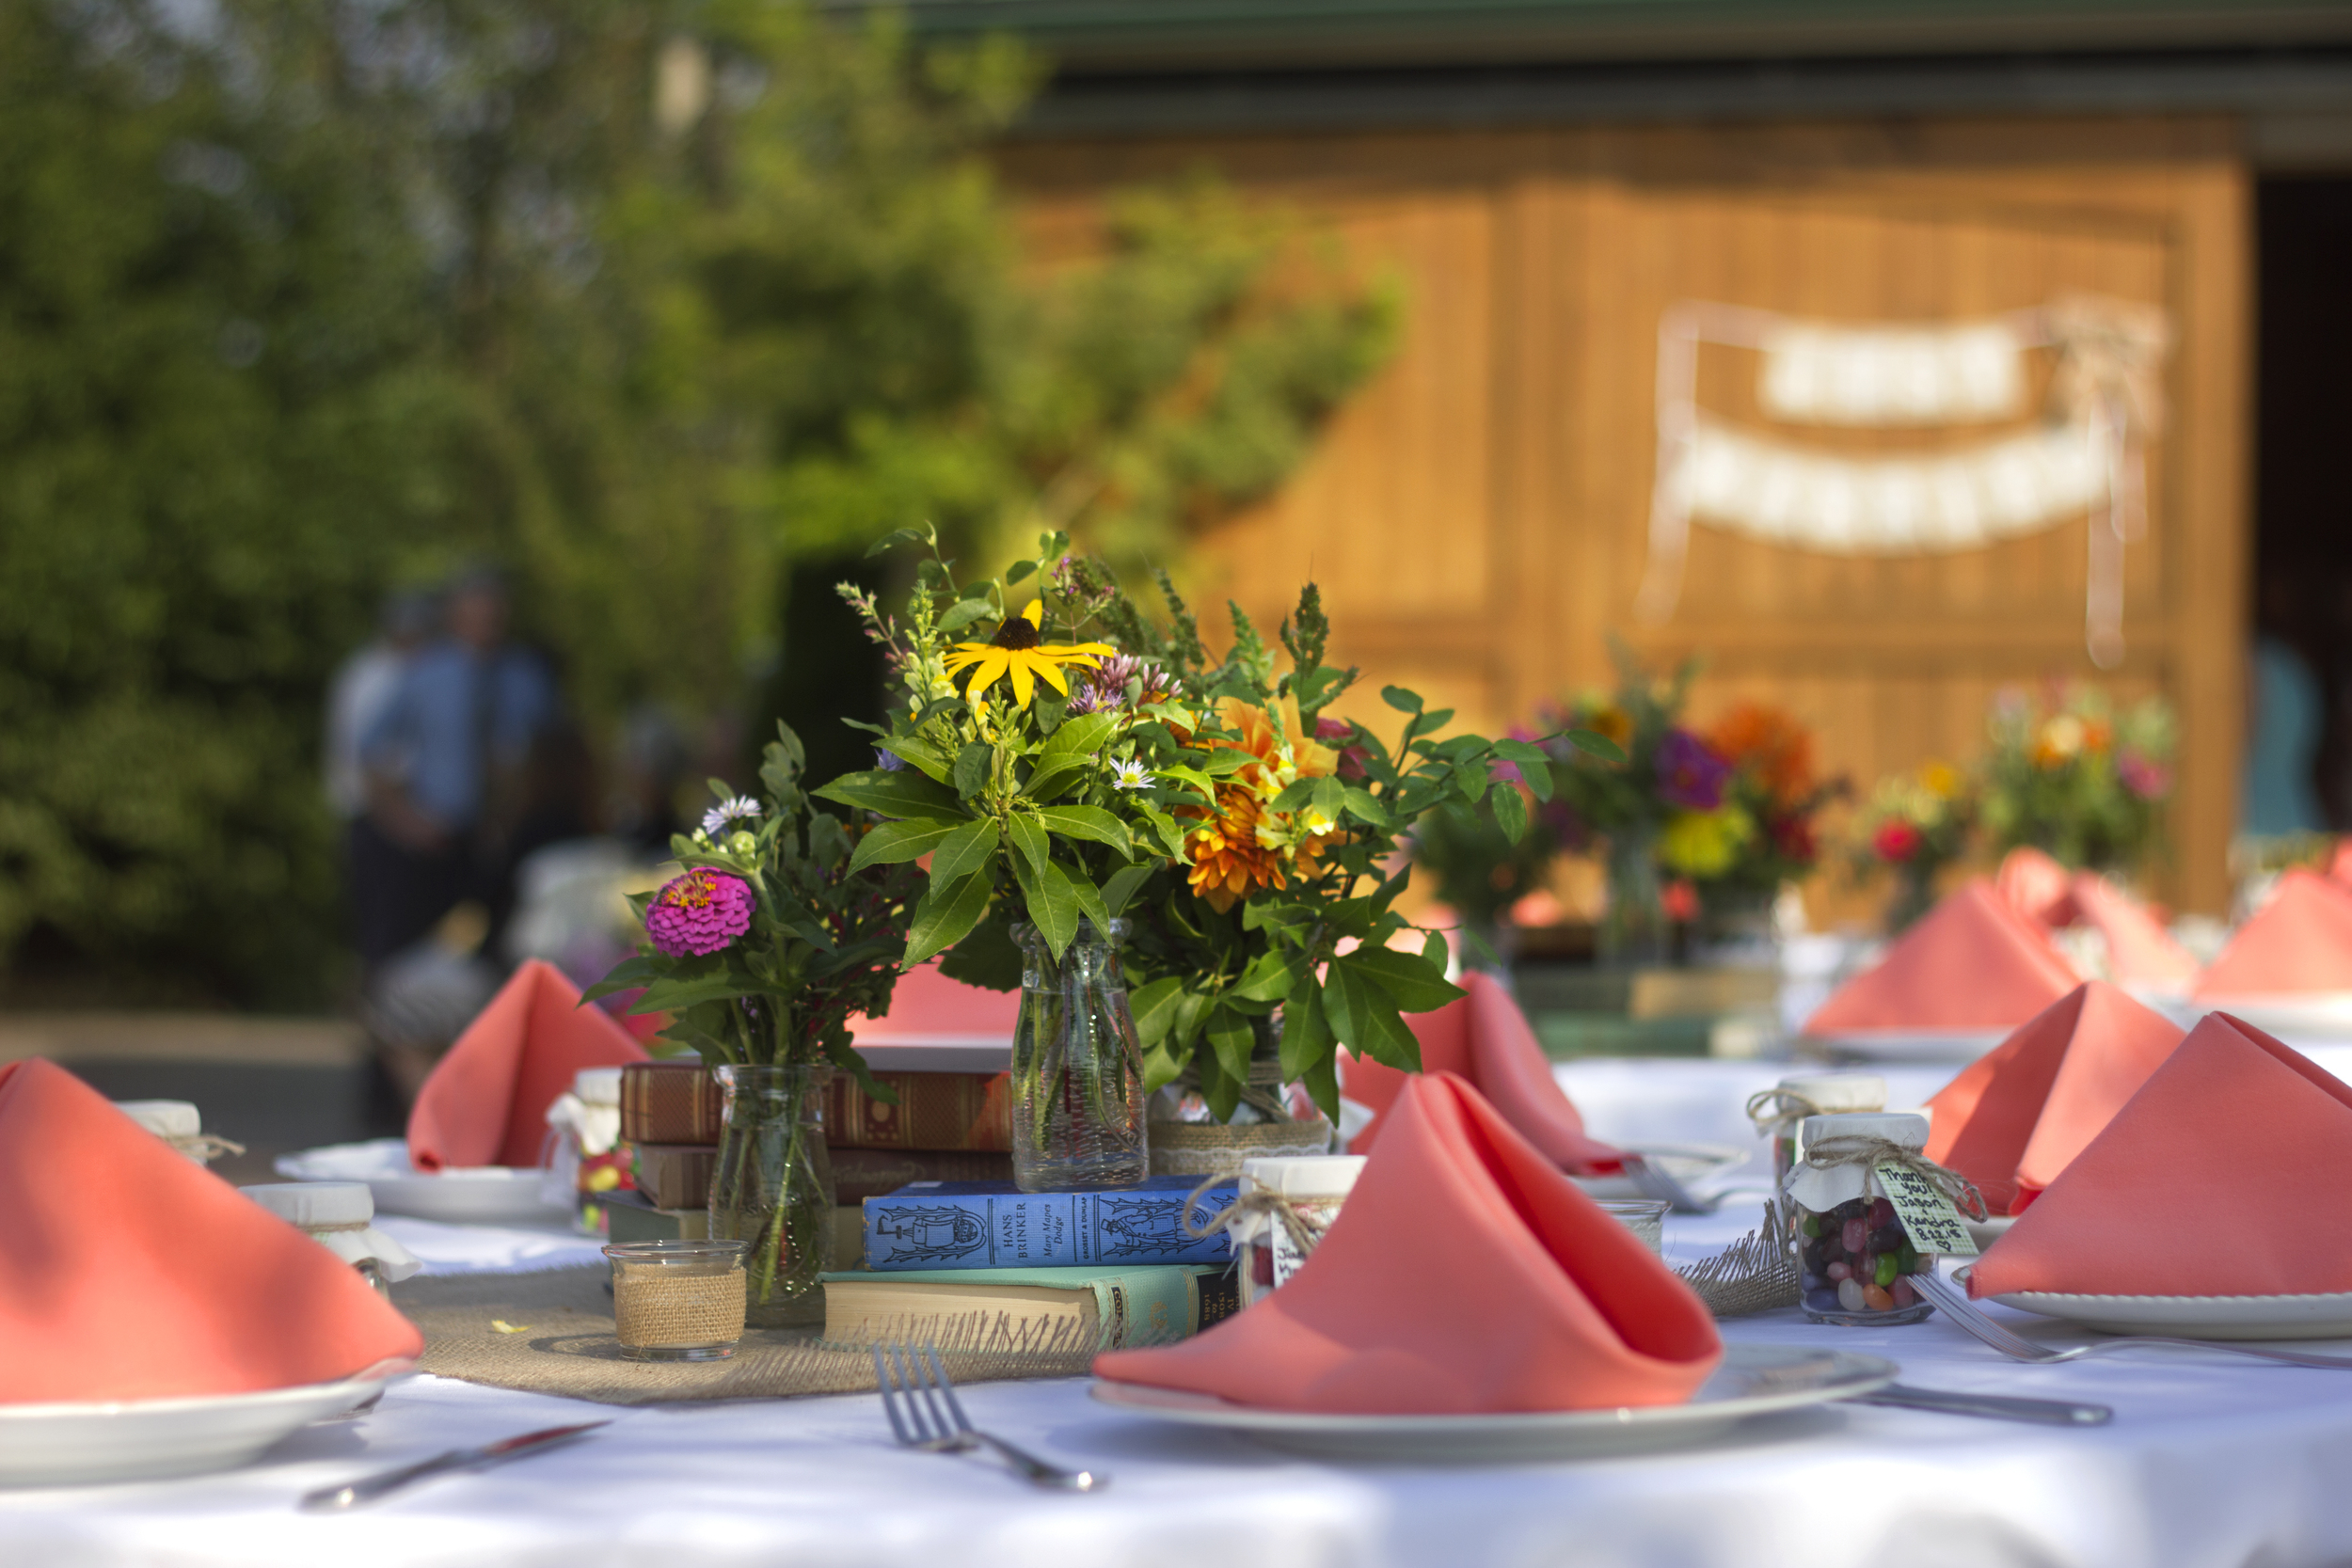 Garden wedding on the patio...